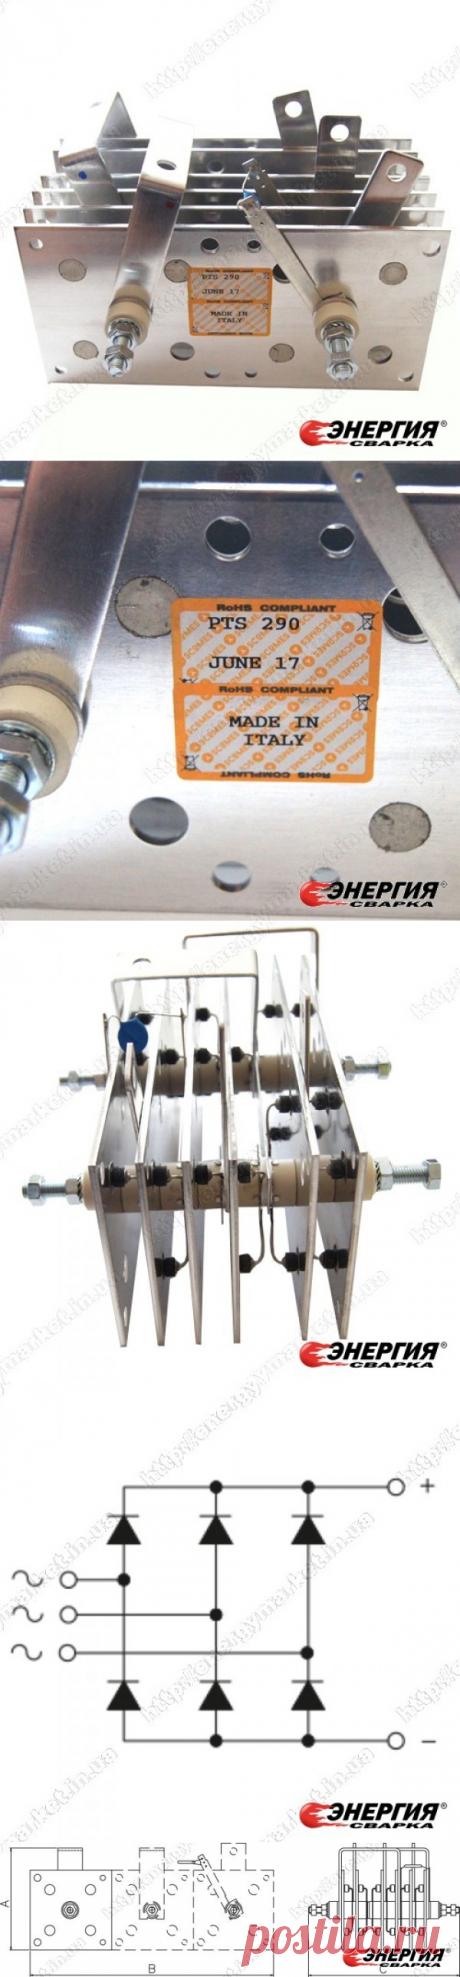 PТS - 290 Трехфазный диодный мостовой выпрямитель 290A SCOMES купить цена Украине